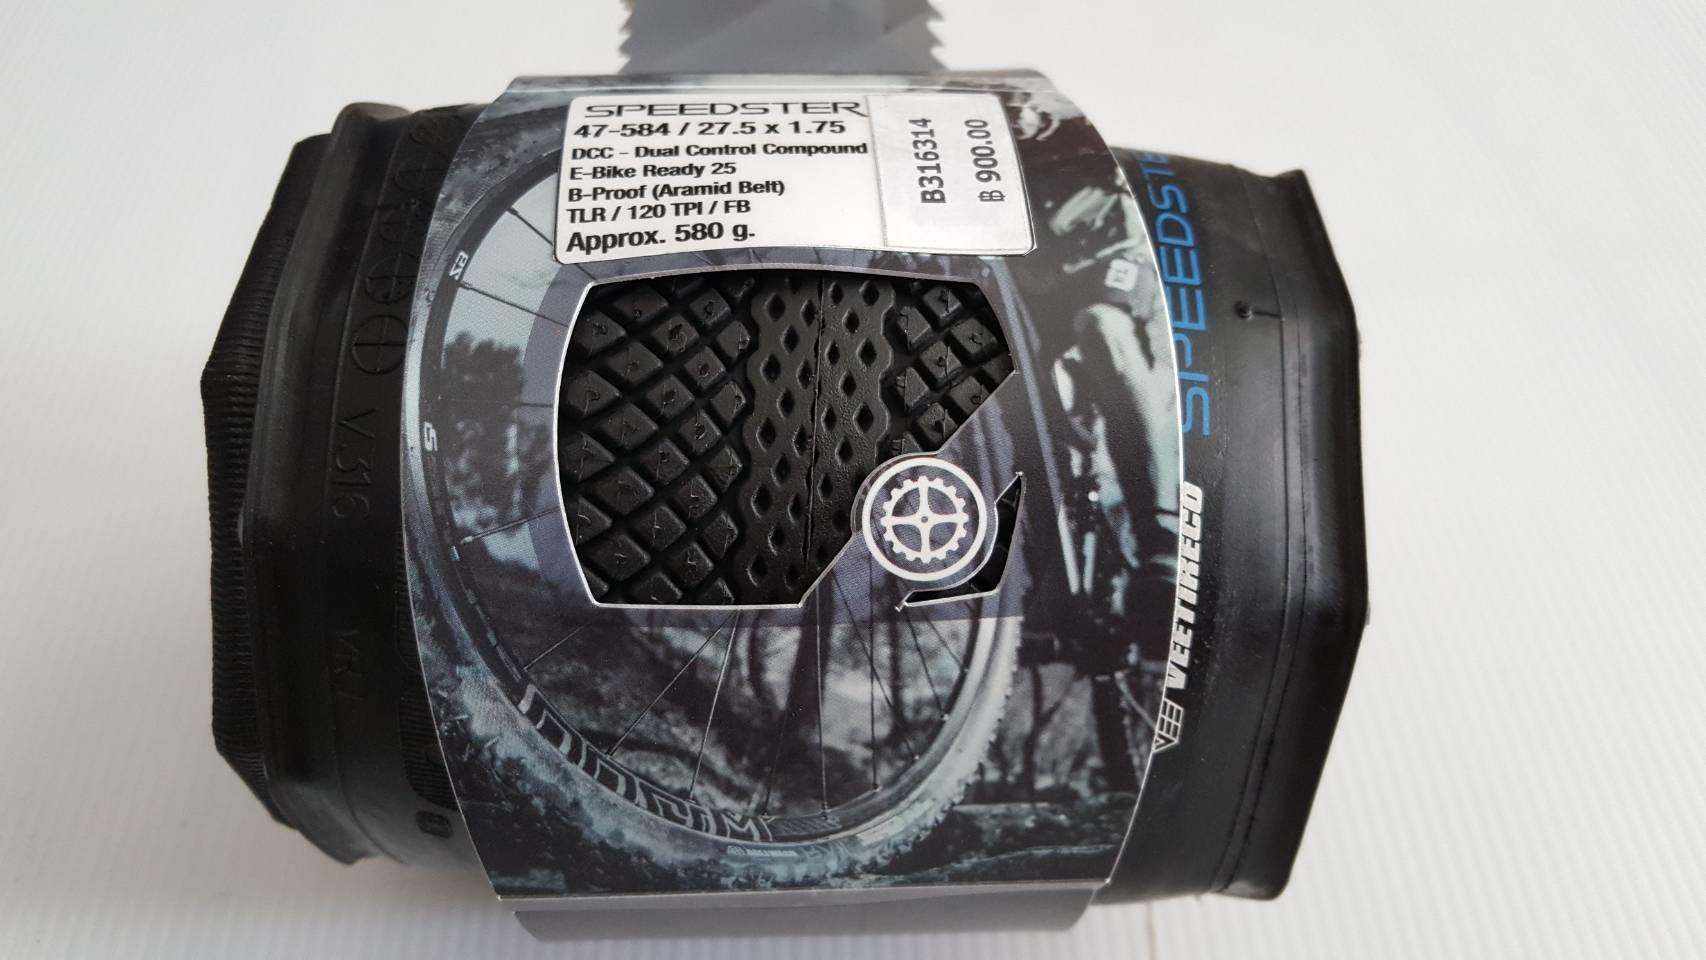 ยางนอกเสือภูเขา Vee Tire รุ่น Speedster 27.5 x1.75 ดอกทางเรียบ มีกันหนามในเนื้อยาง เส้นใย 120 TPI